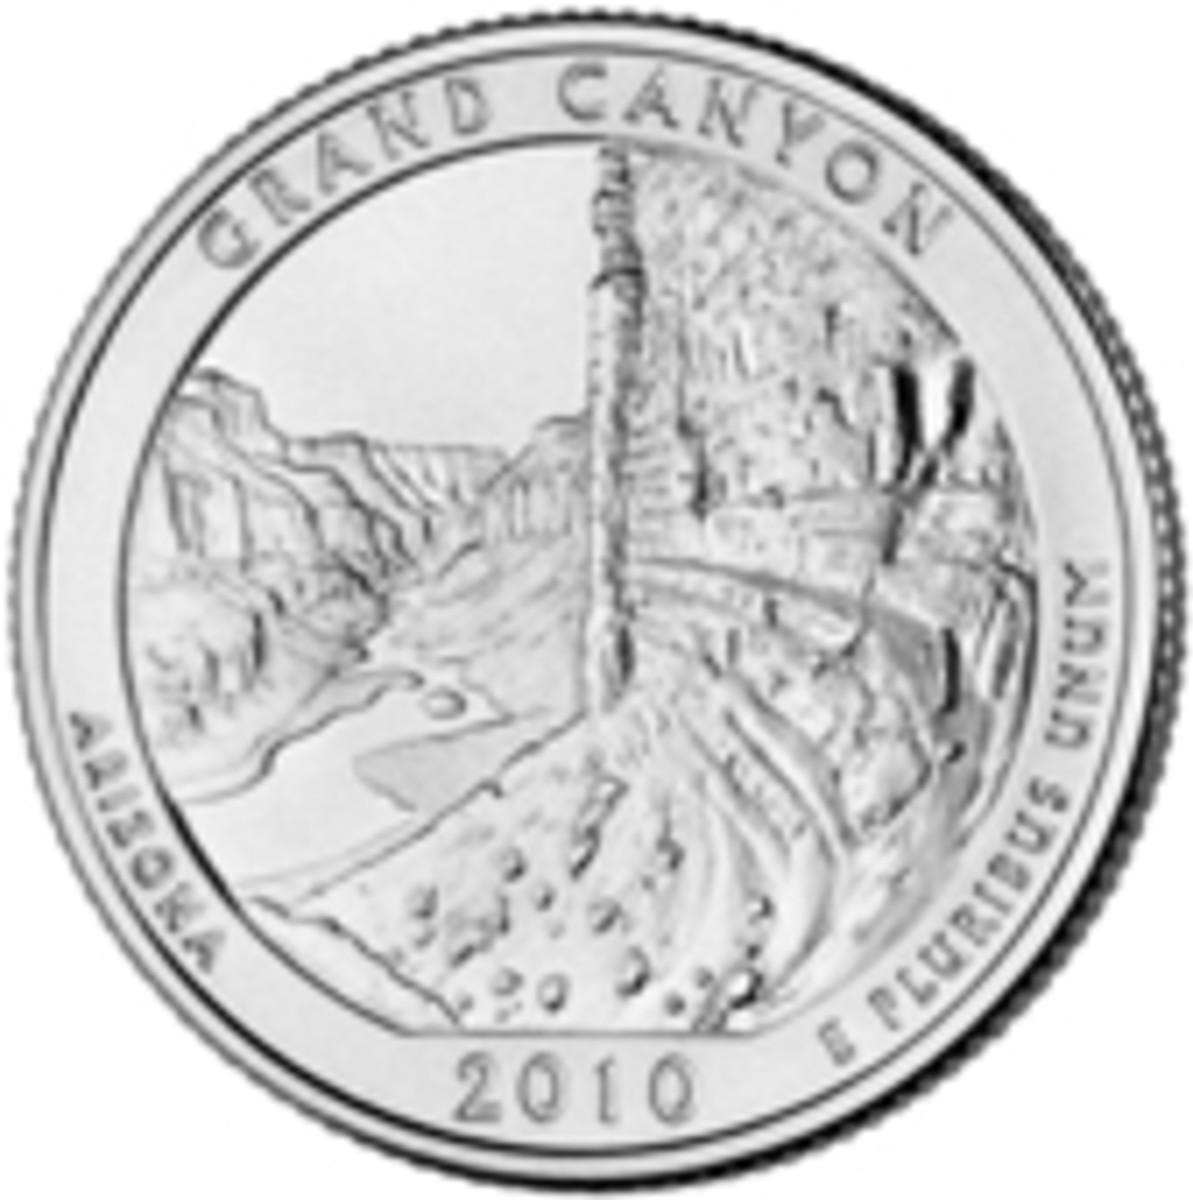 grandcanyon170